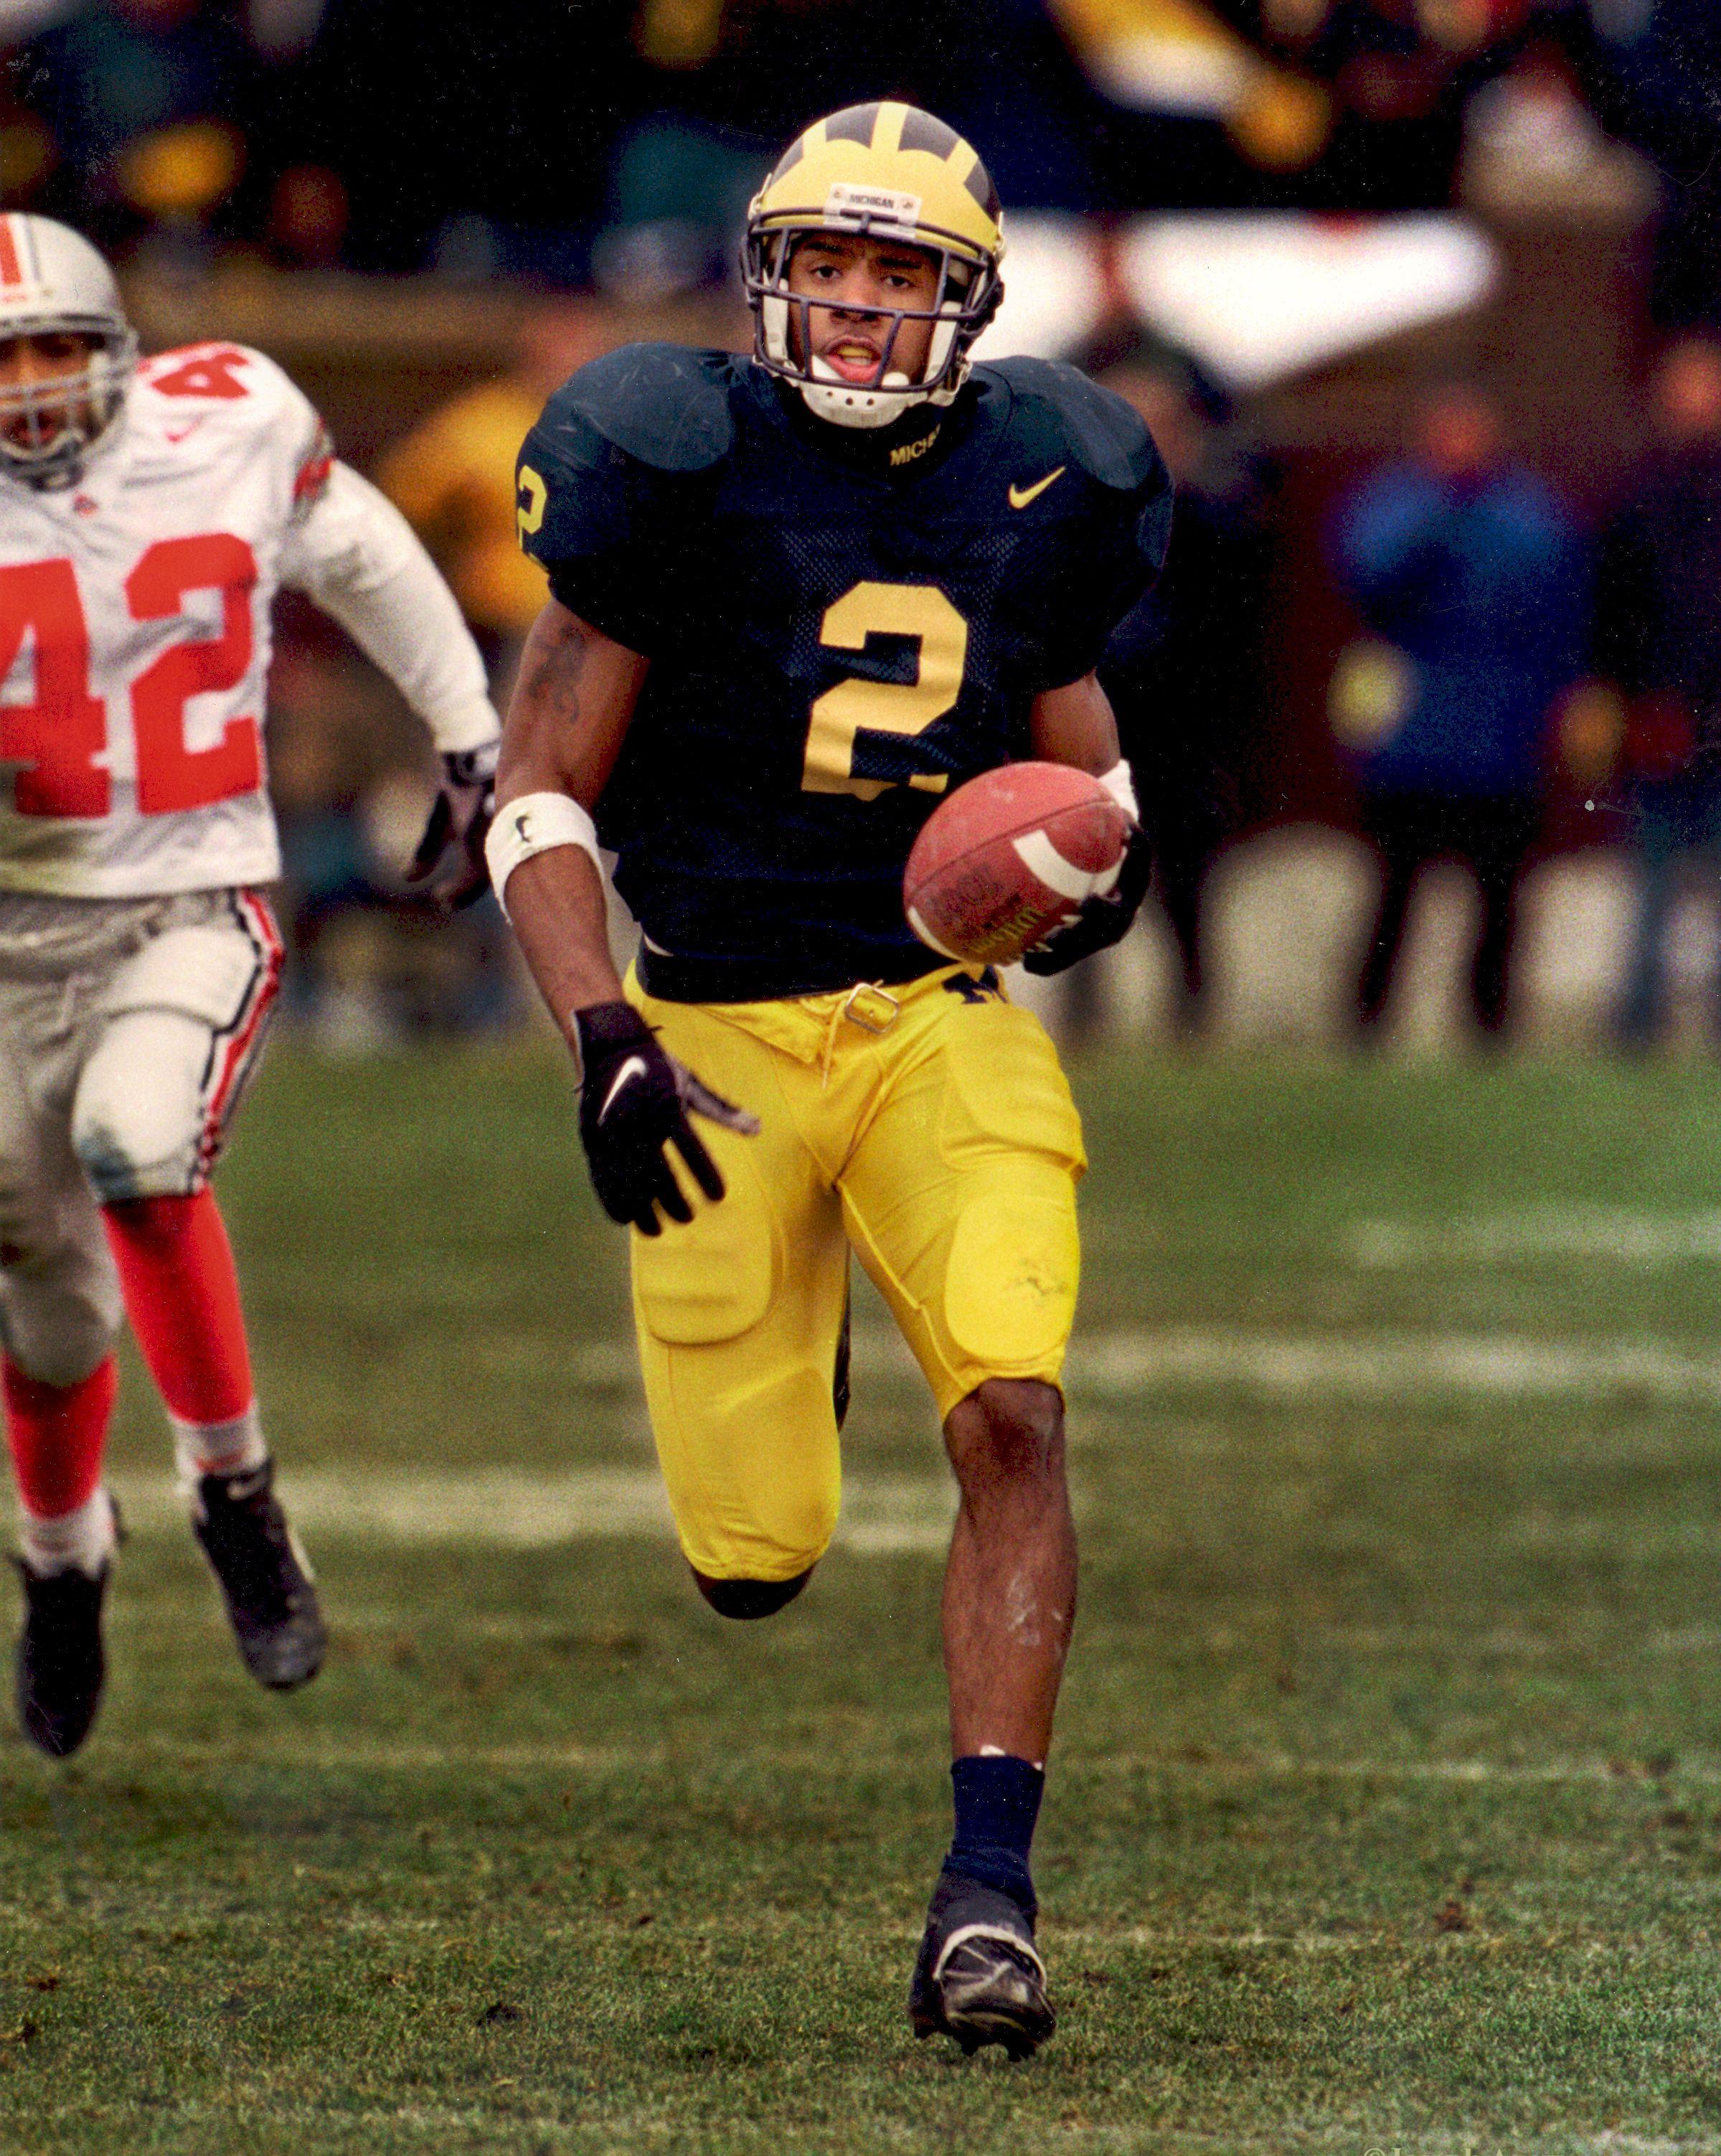 1998 Nfl Draft Charles Woodson Cb Round 1 Pick 4 Michigan